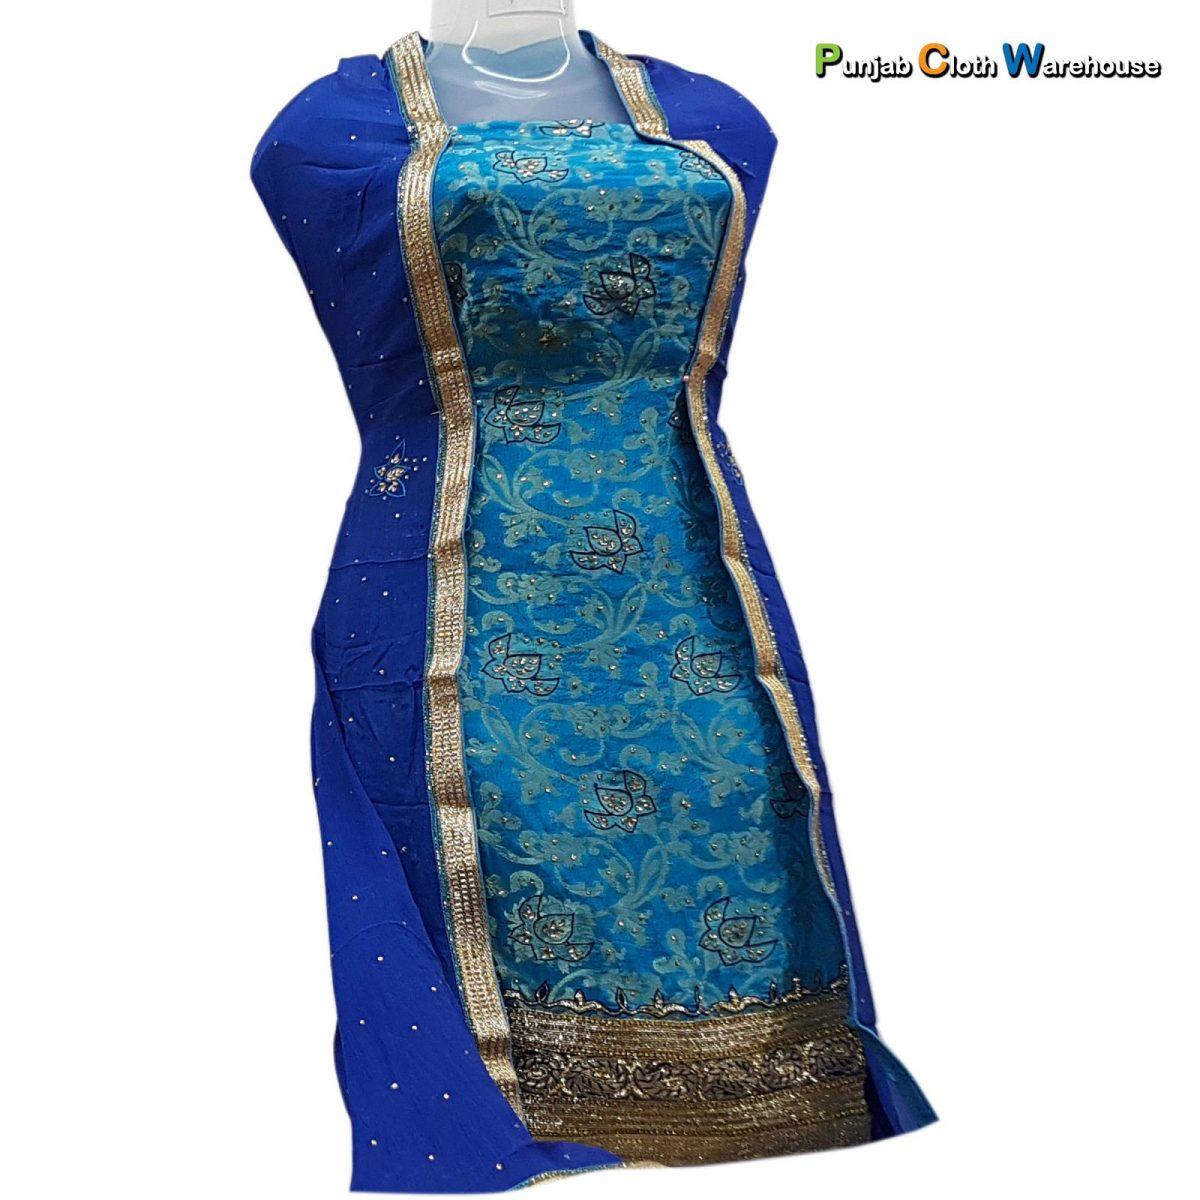 Ladies Suits - Cut Piece - Punjab Cloth Warehouse, Surrey (4)